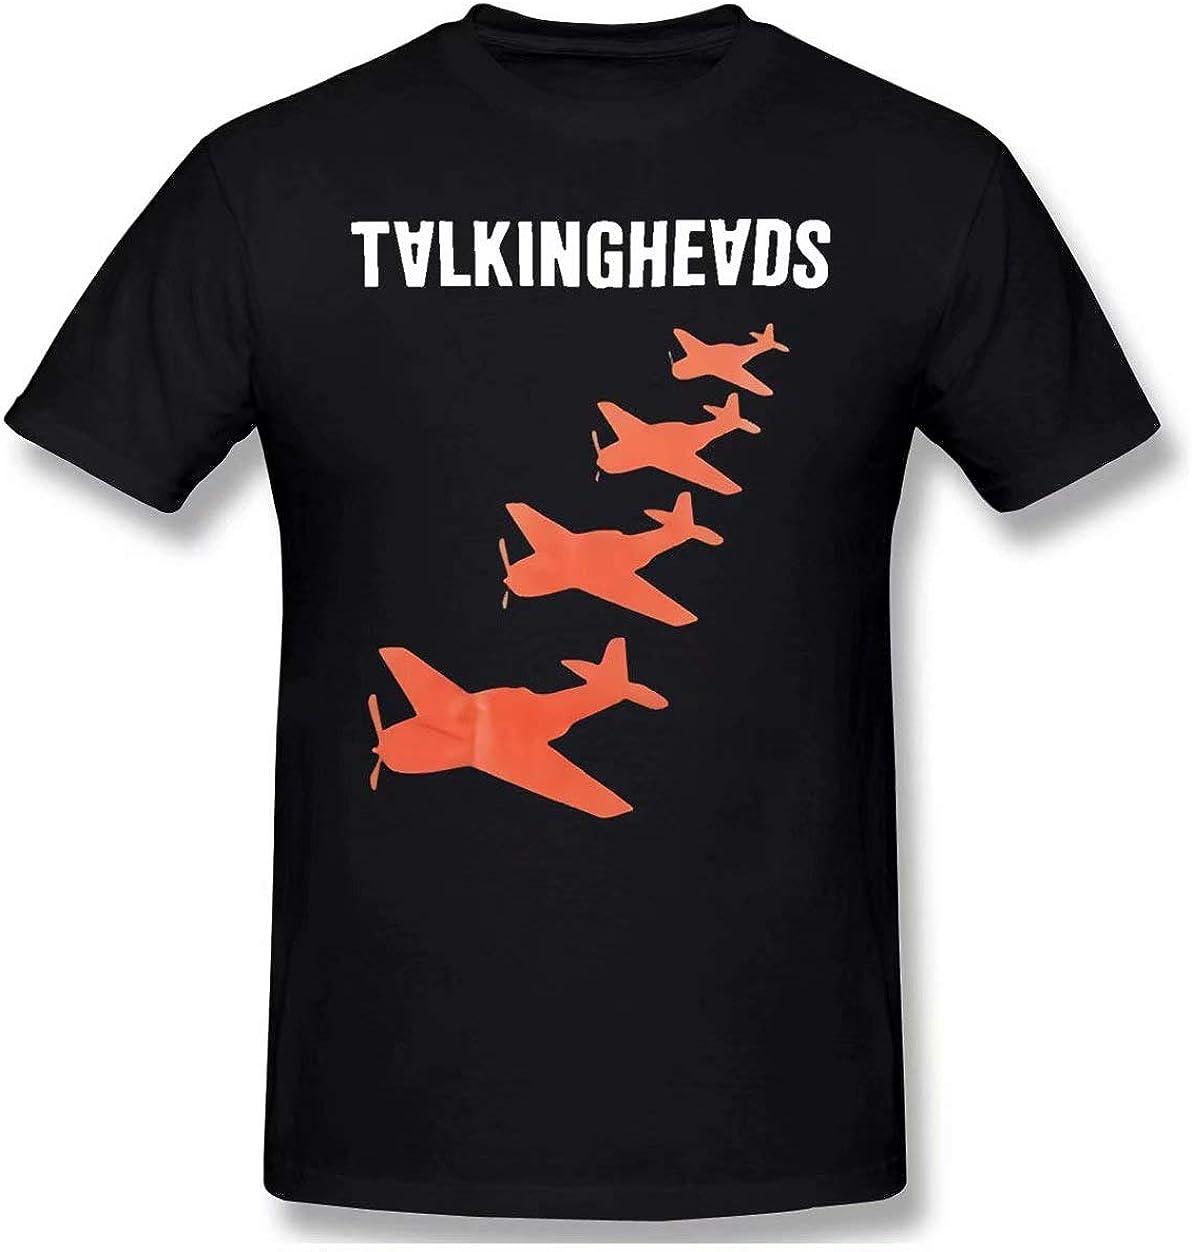 Talking Heads Planes M L XL Navy T-Shirt